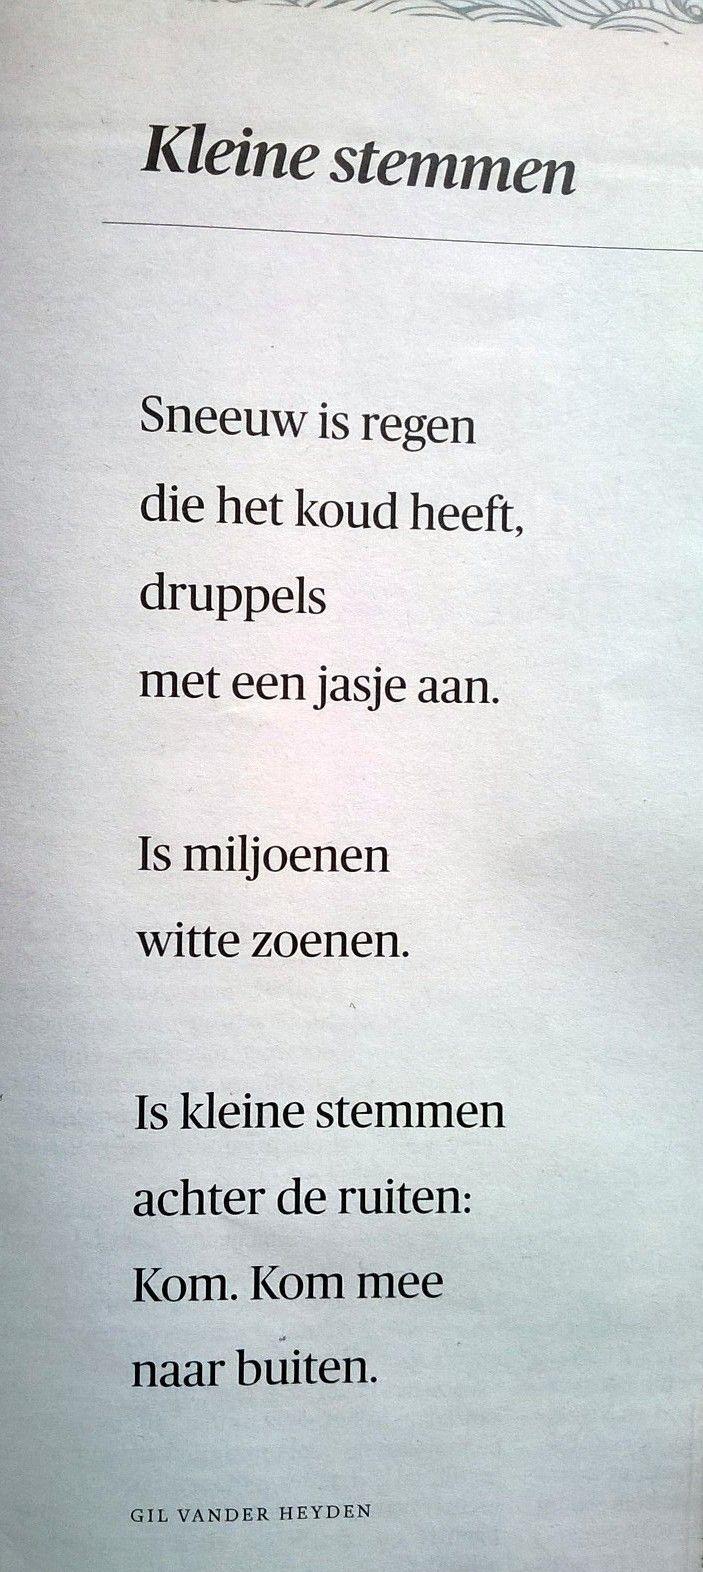 Gil van der Heyden - Kleine stemmen. uitg. Clavis. http://www.leesplein.nl/KB_plein.php?hm=1&sm=2&id=5403